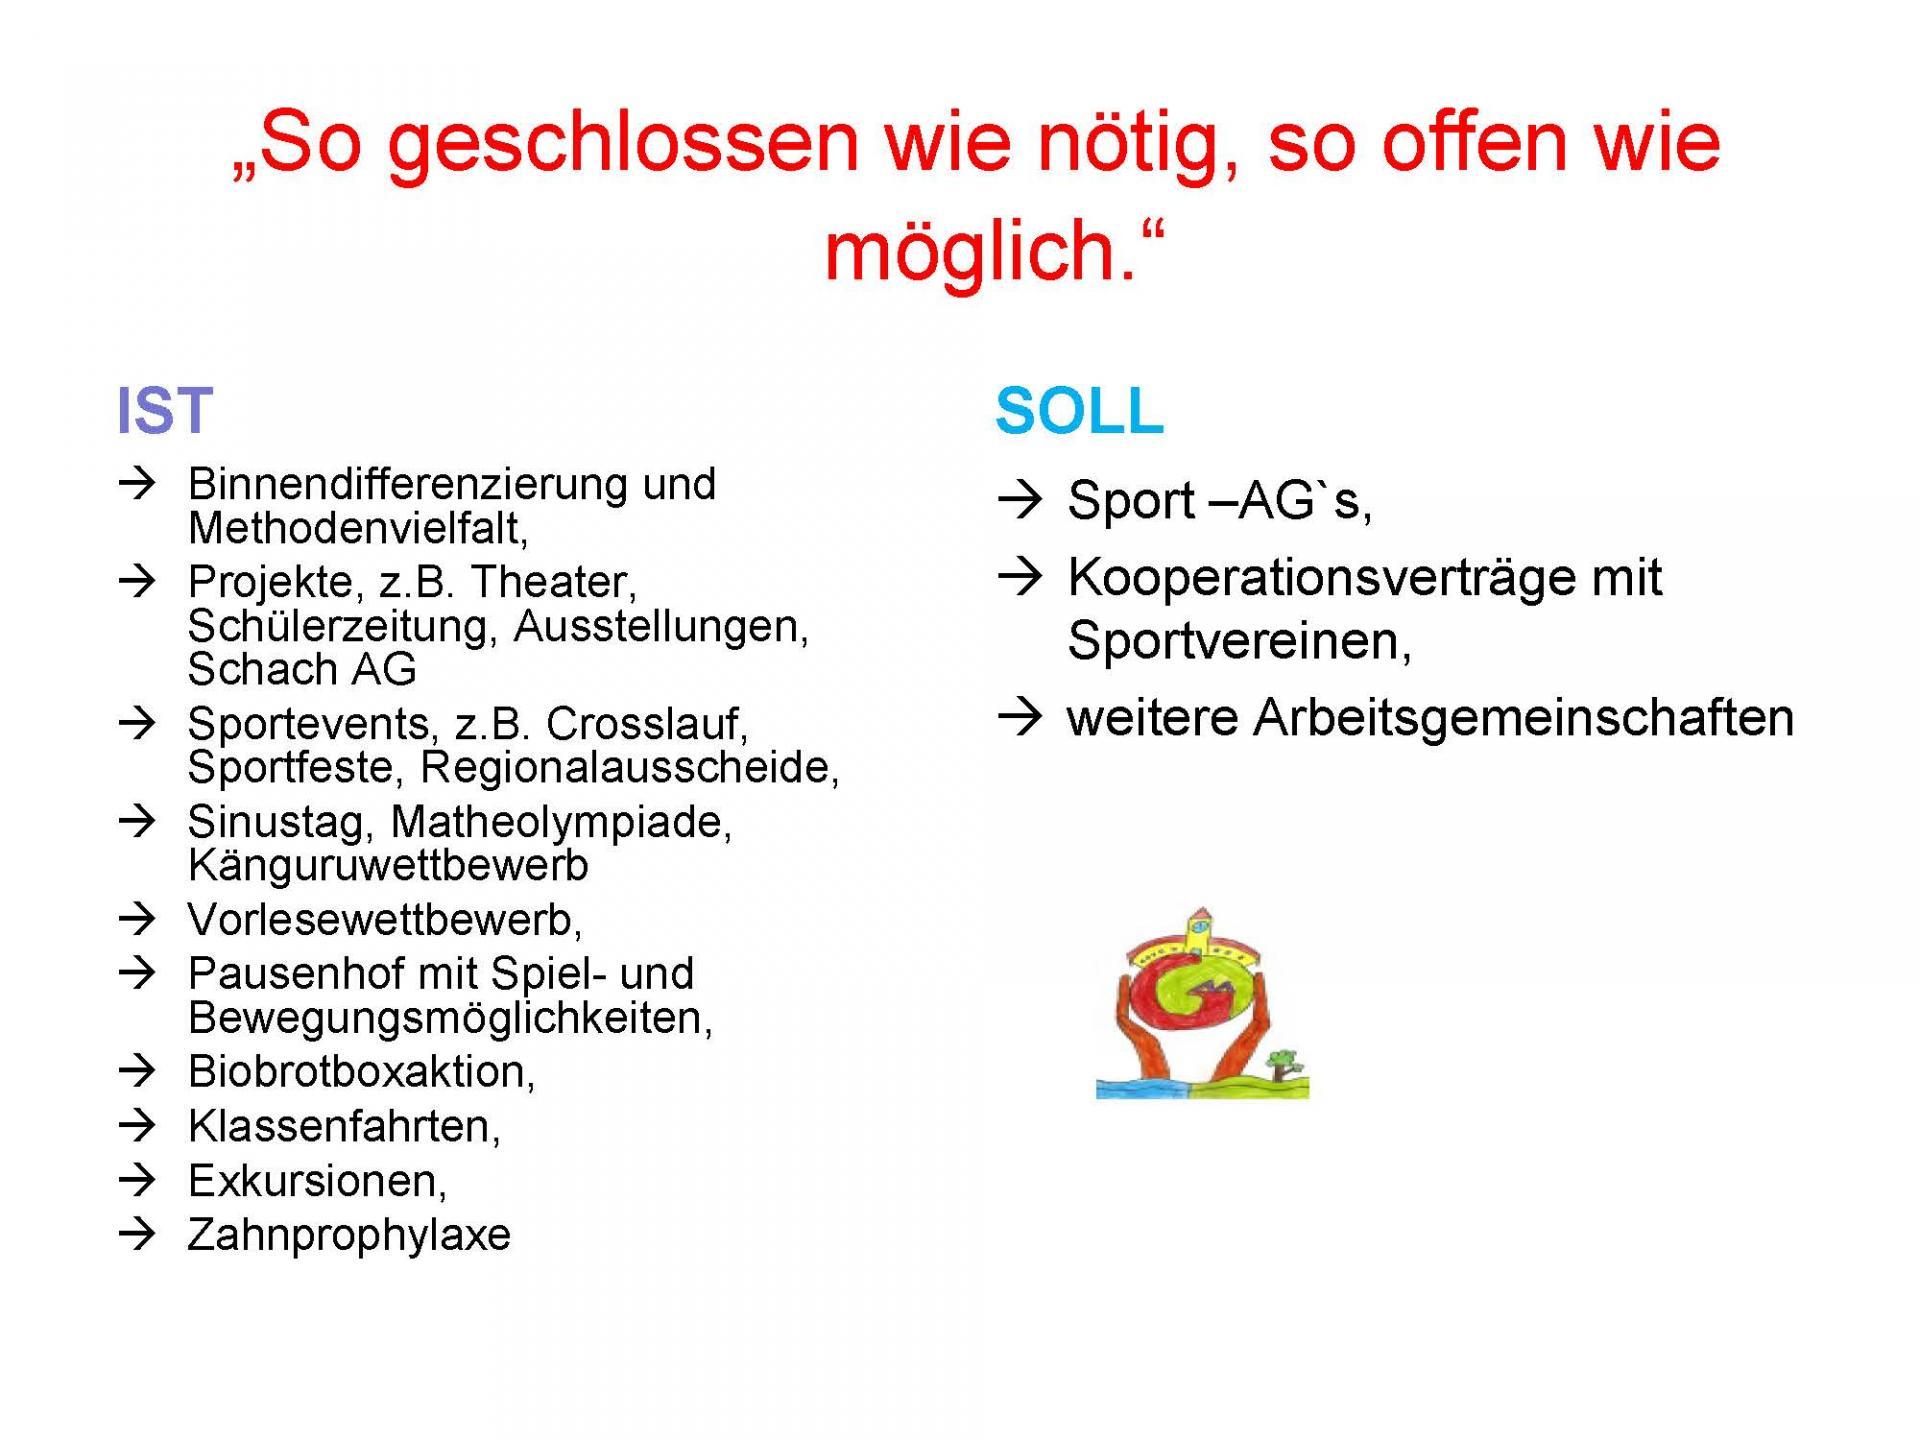 © Foto: Grundschule Groß Machnow - Schulprogramm - Seite 13